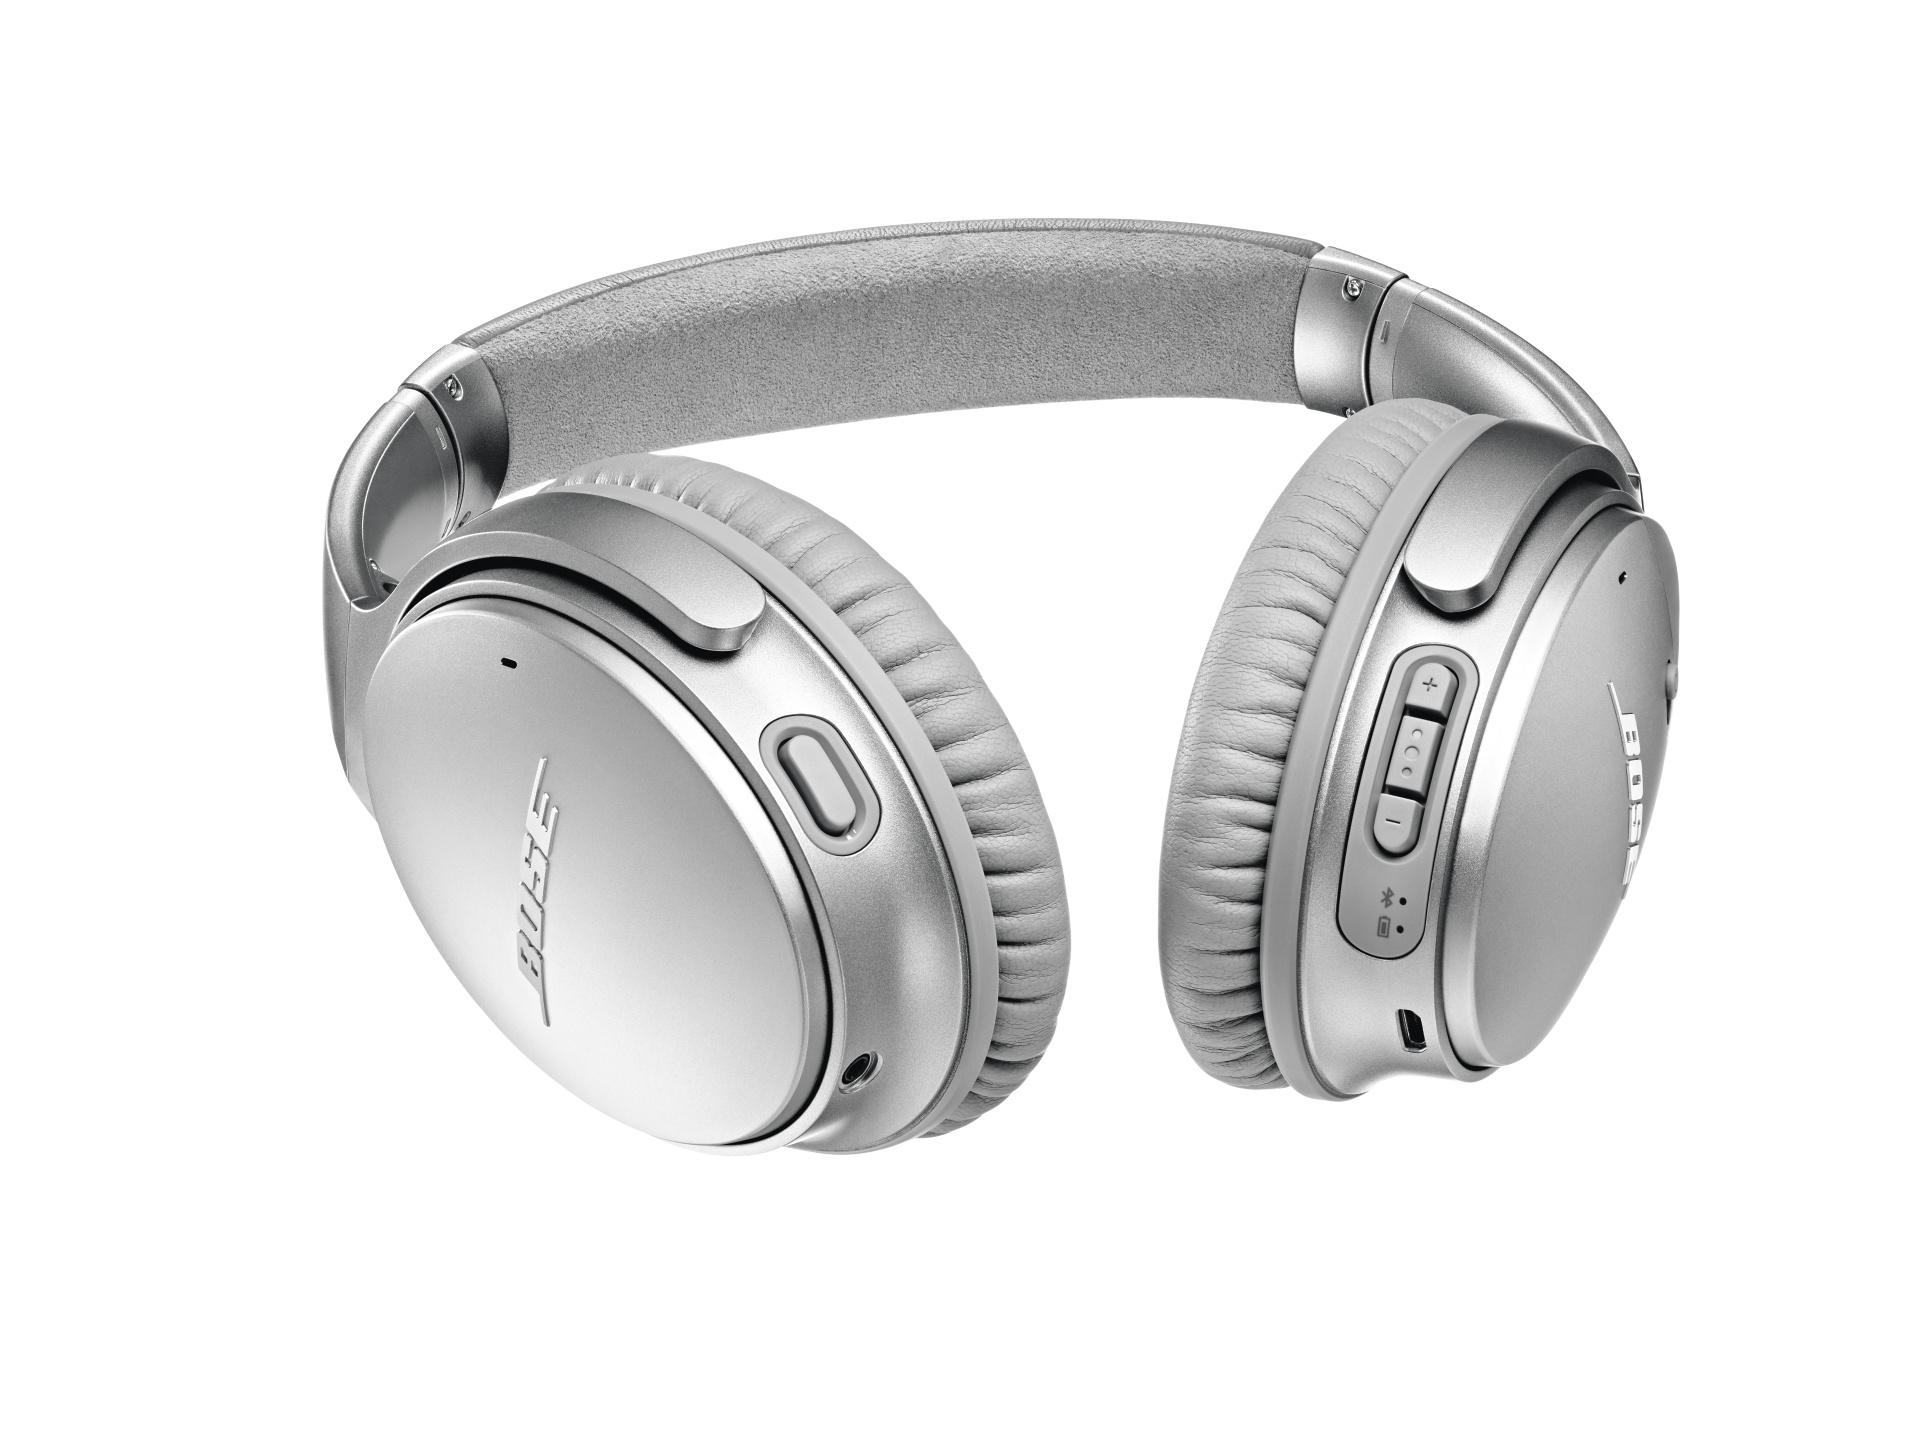 Lärm: Bose, Kopfhörer-Modell QUIETCOMFORT 35 II